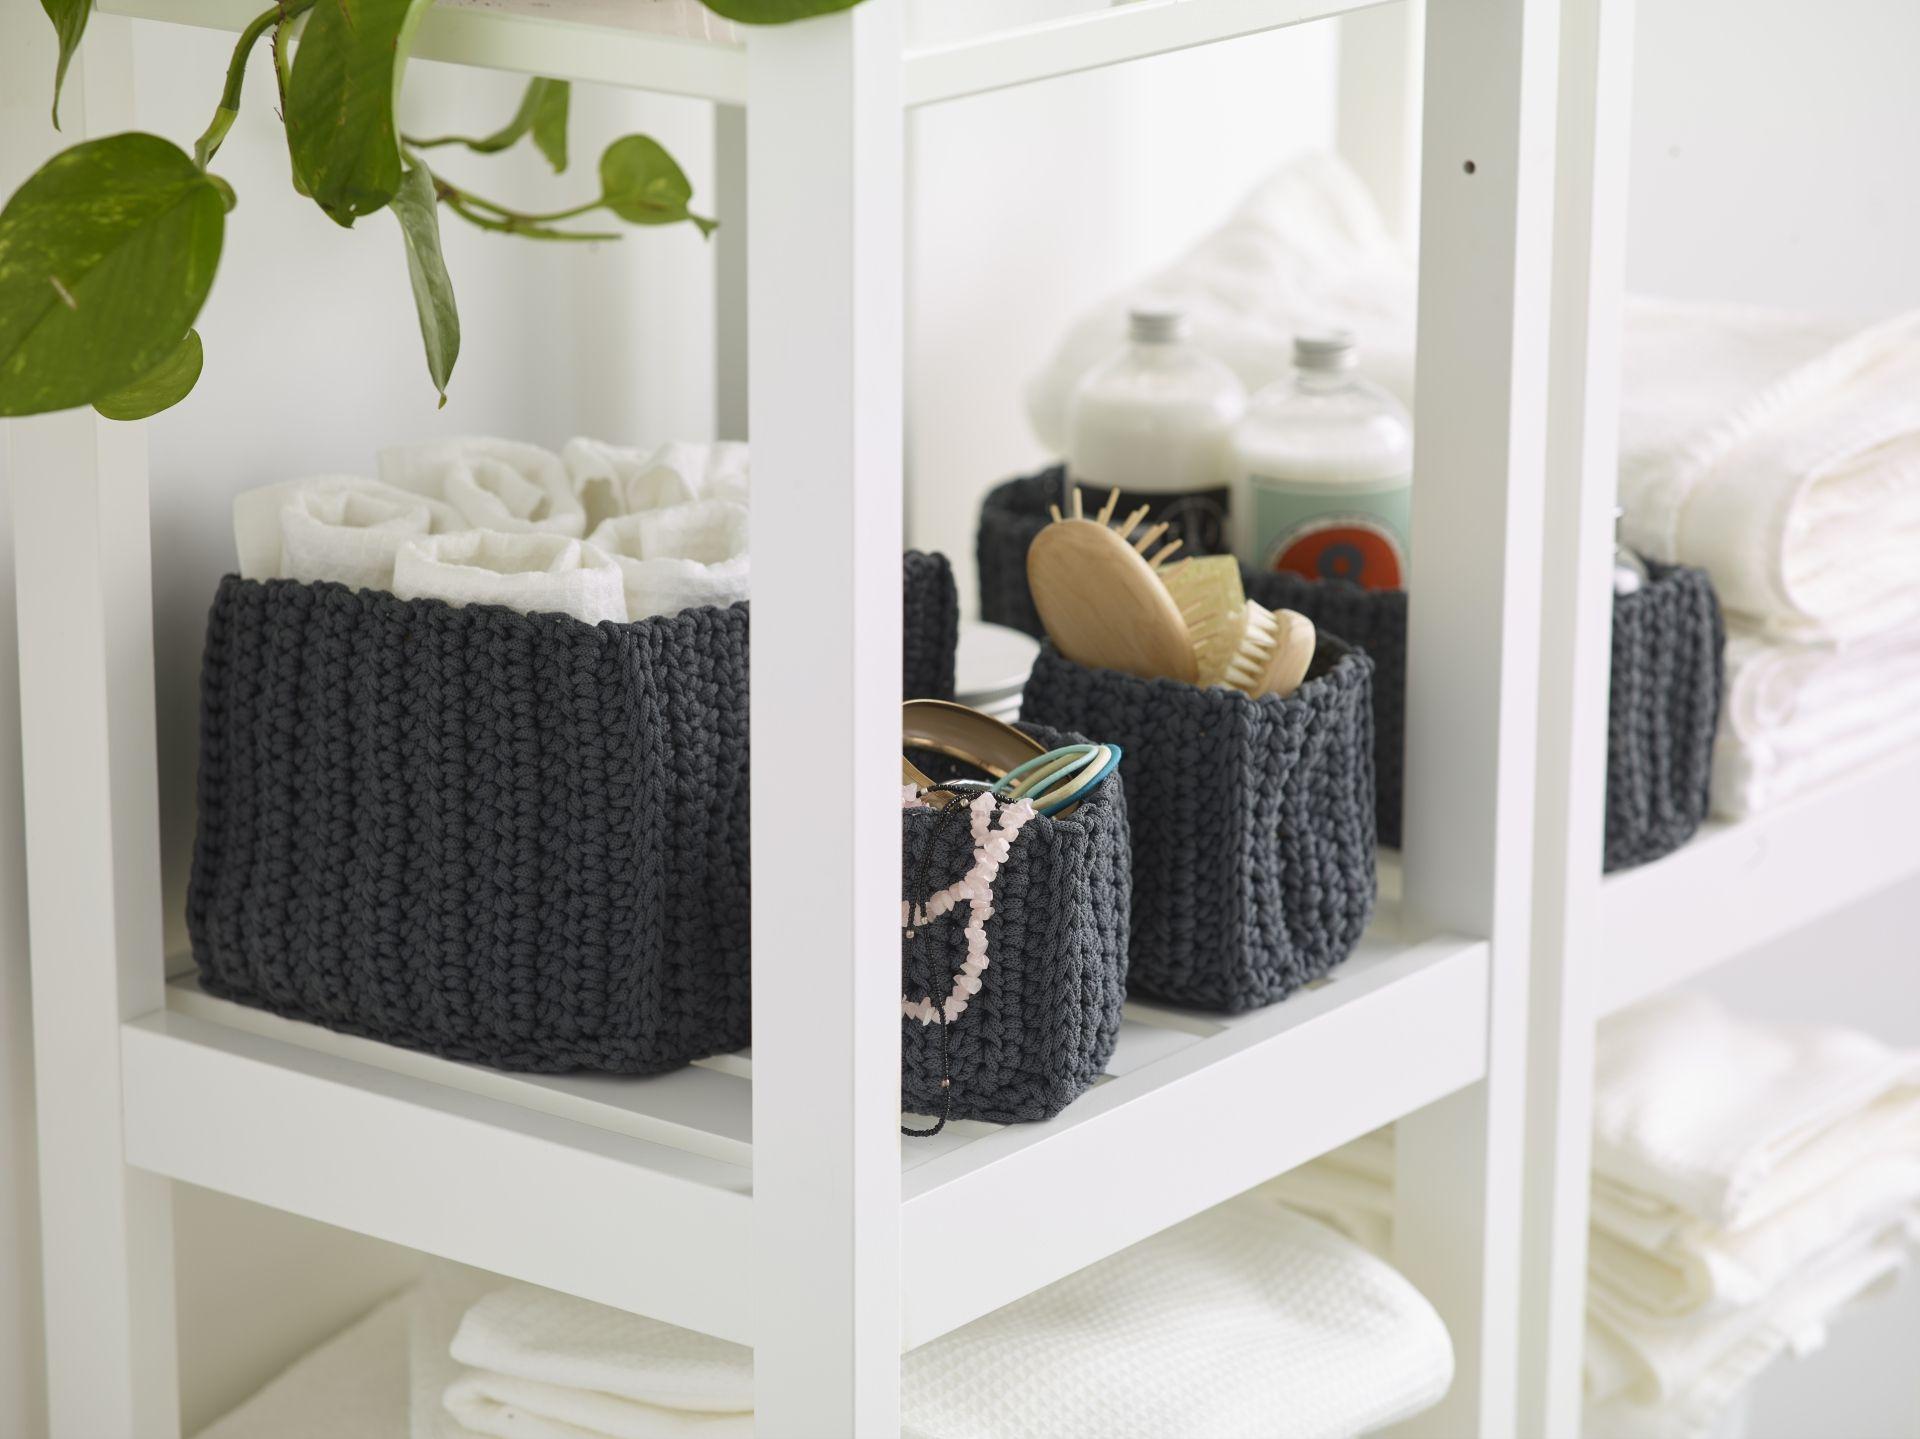 Ikea Badkamer Inspiratie : Nordrana mand set van ikea ikeanlikeanederland wmn inspiratie